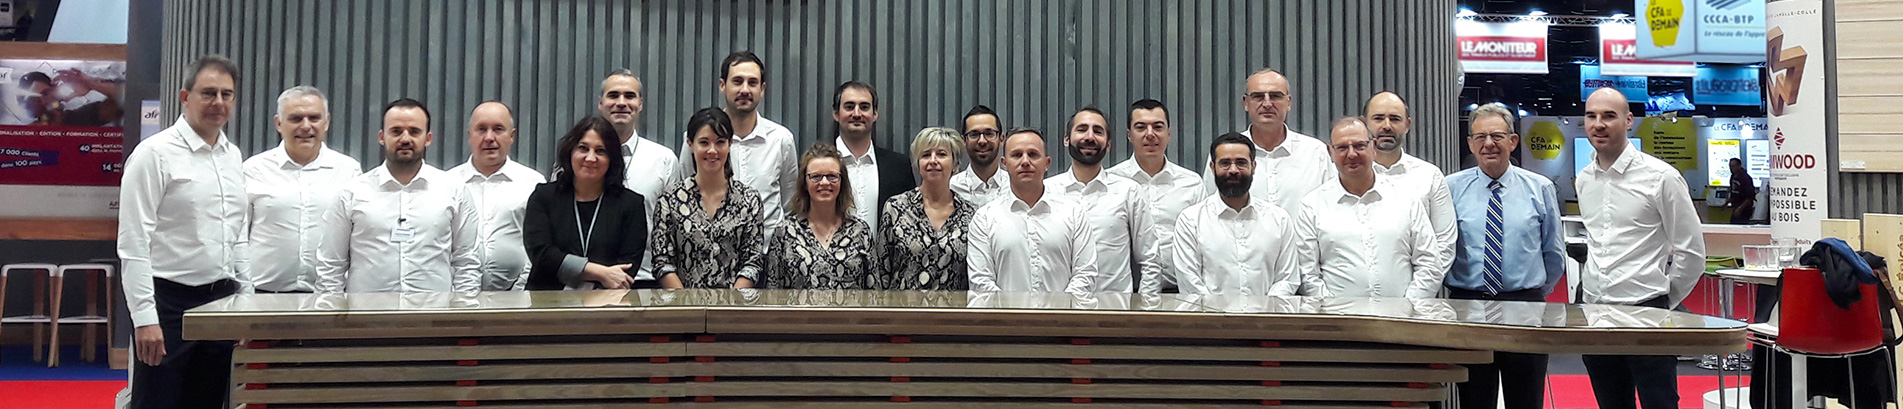 equipe-commerciale-piveteaubois-001